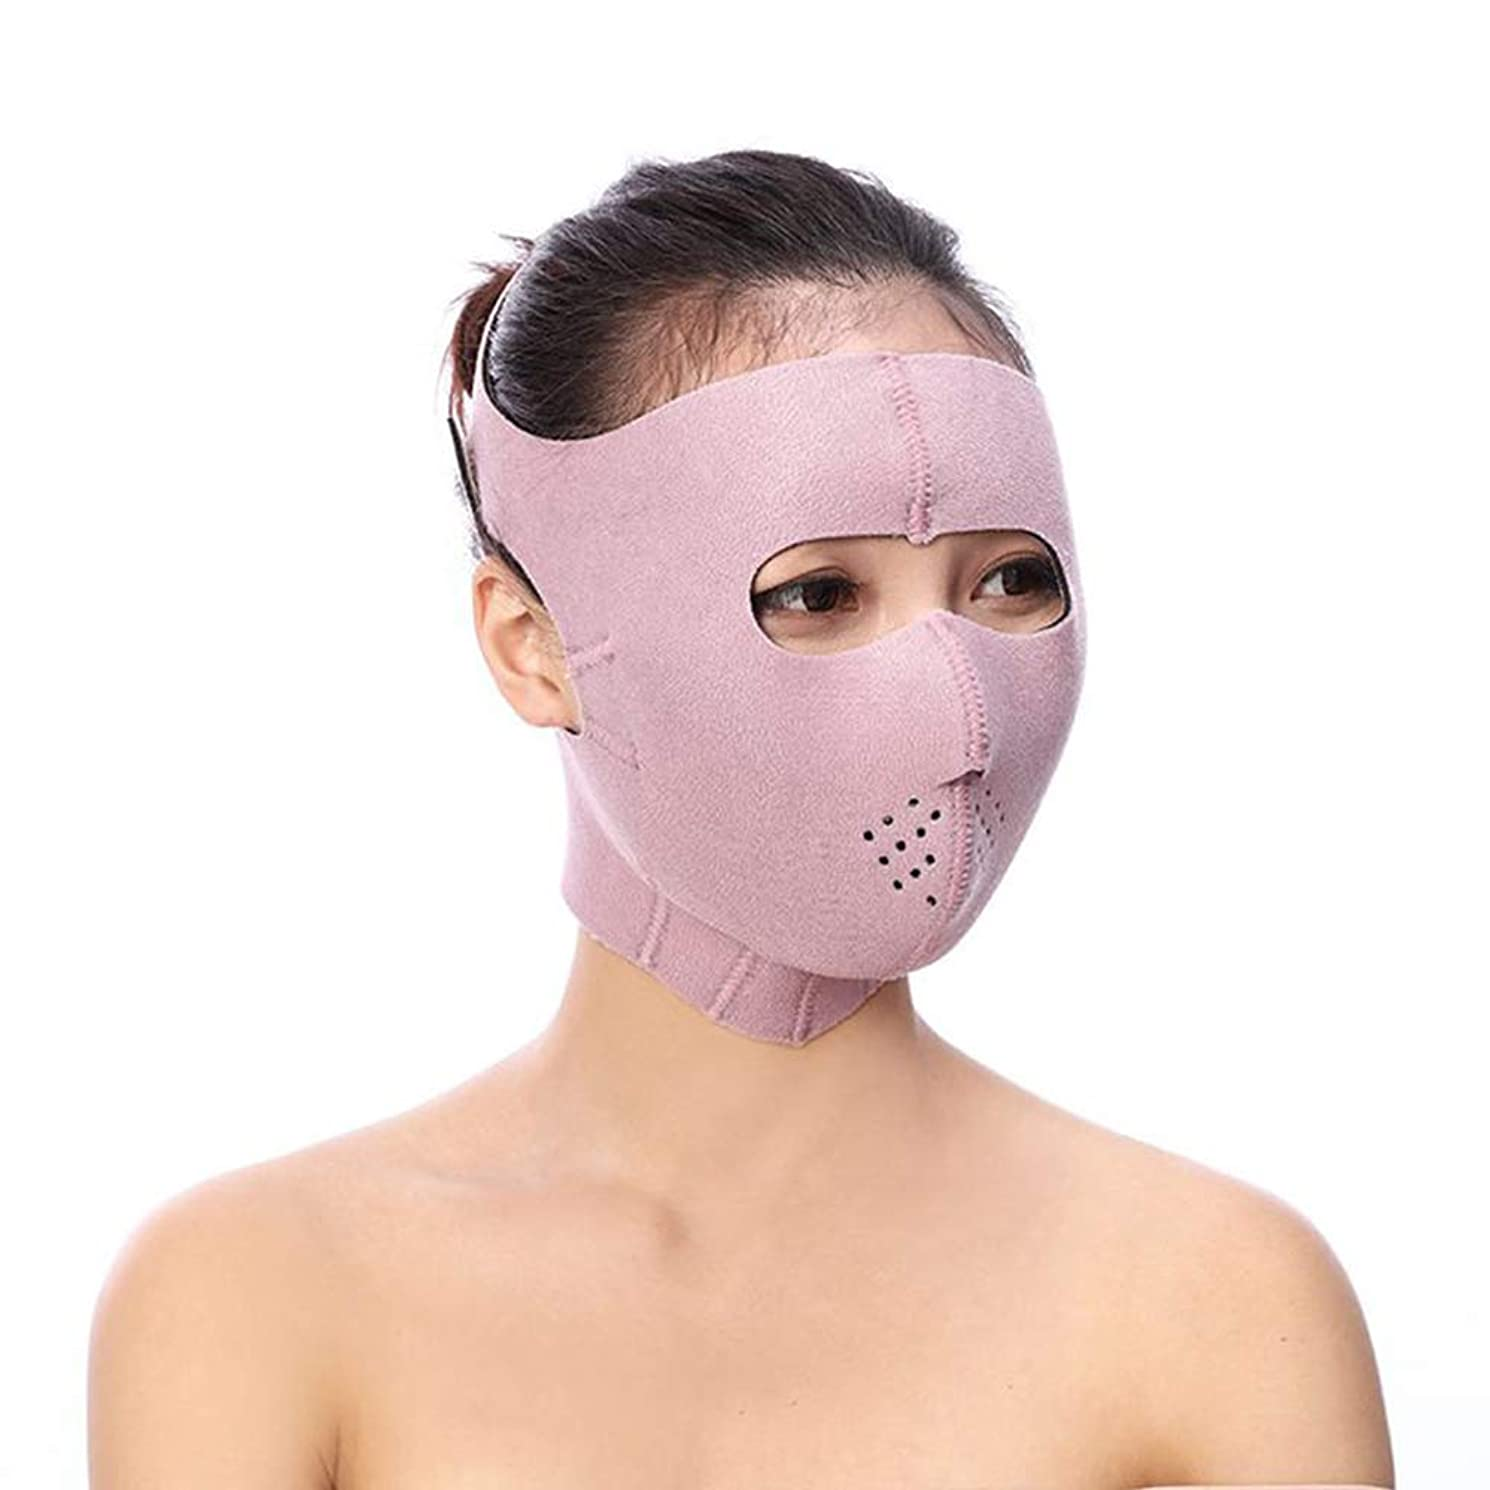 スカイ渇きそんなにフェイシャルリフティング痩身ベルト - Vフェイス包帯マスクフェイシャルマッサージャー無料の薄いフェイス包帯整形マスクを引き締める顔と首の顔スリム